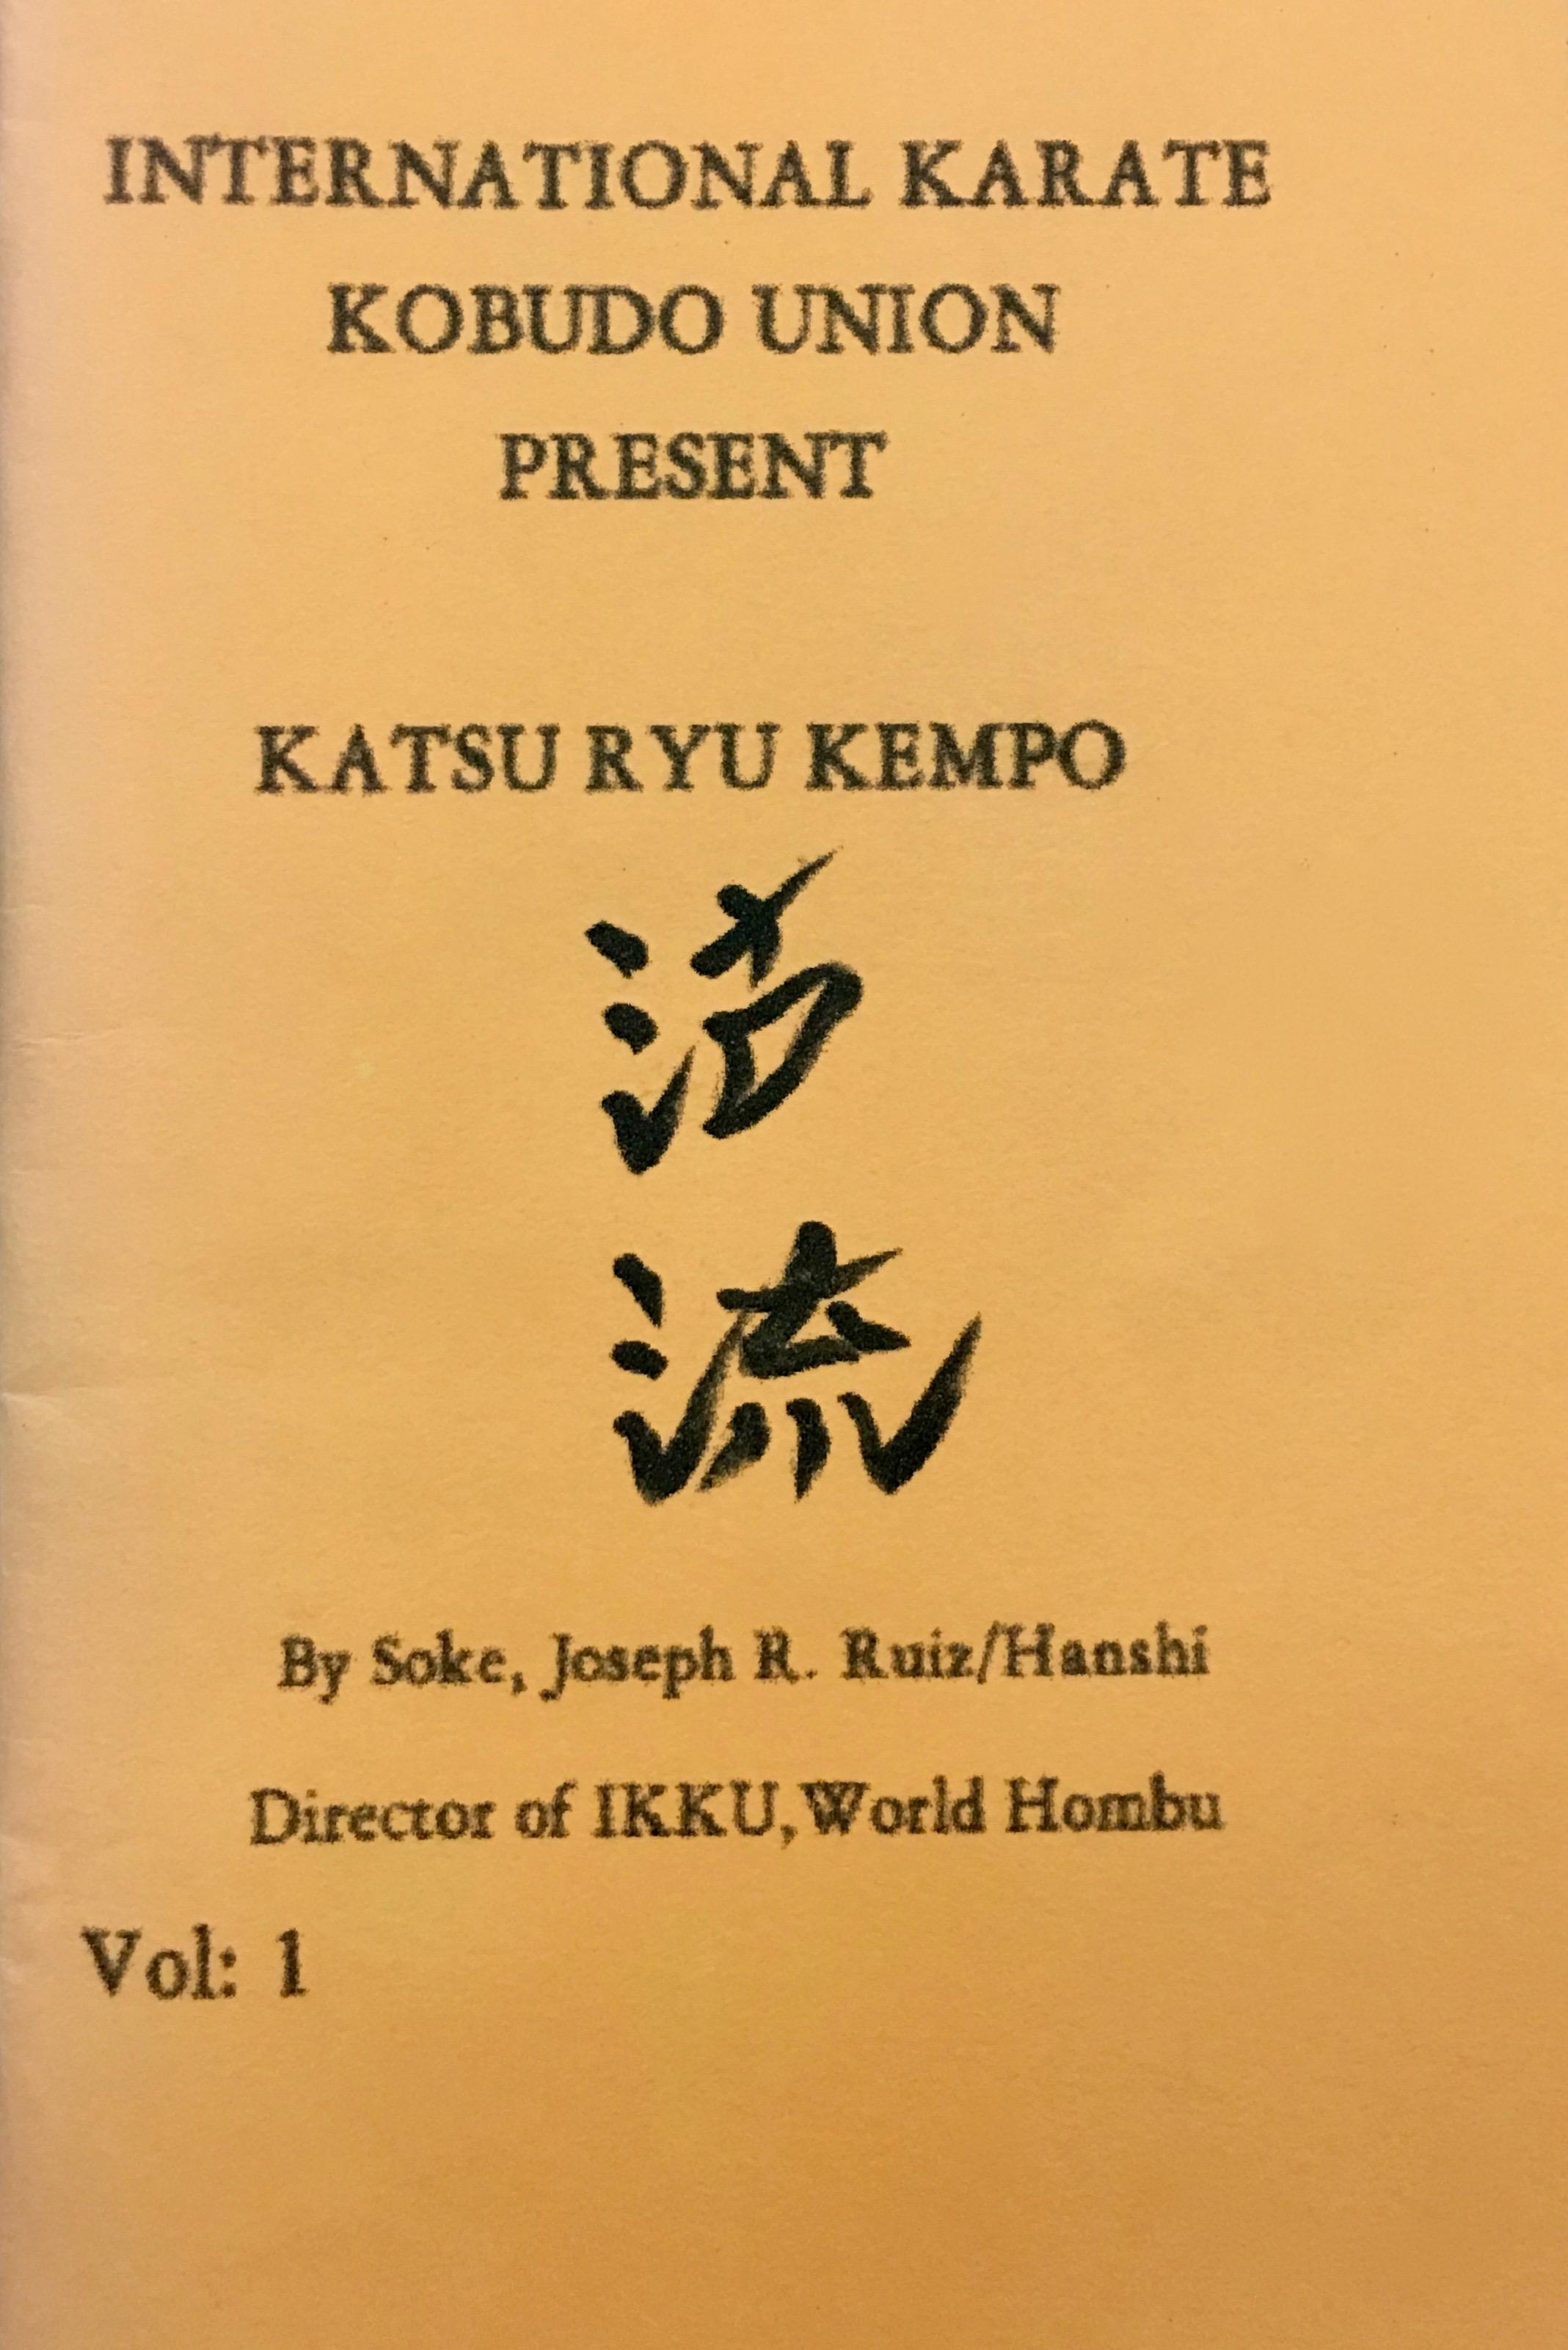 Katsu-Ryu Kempo